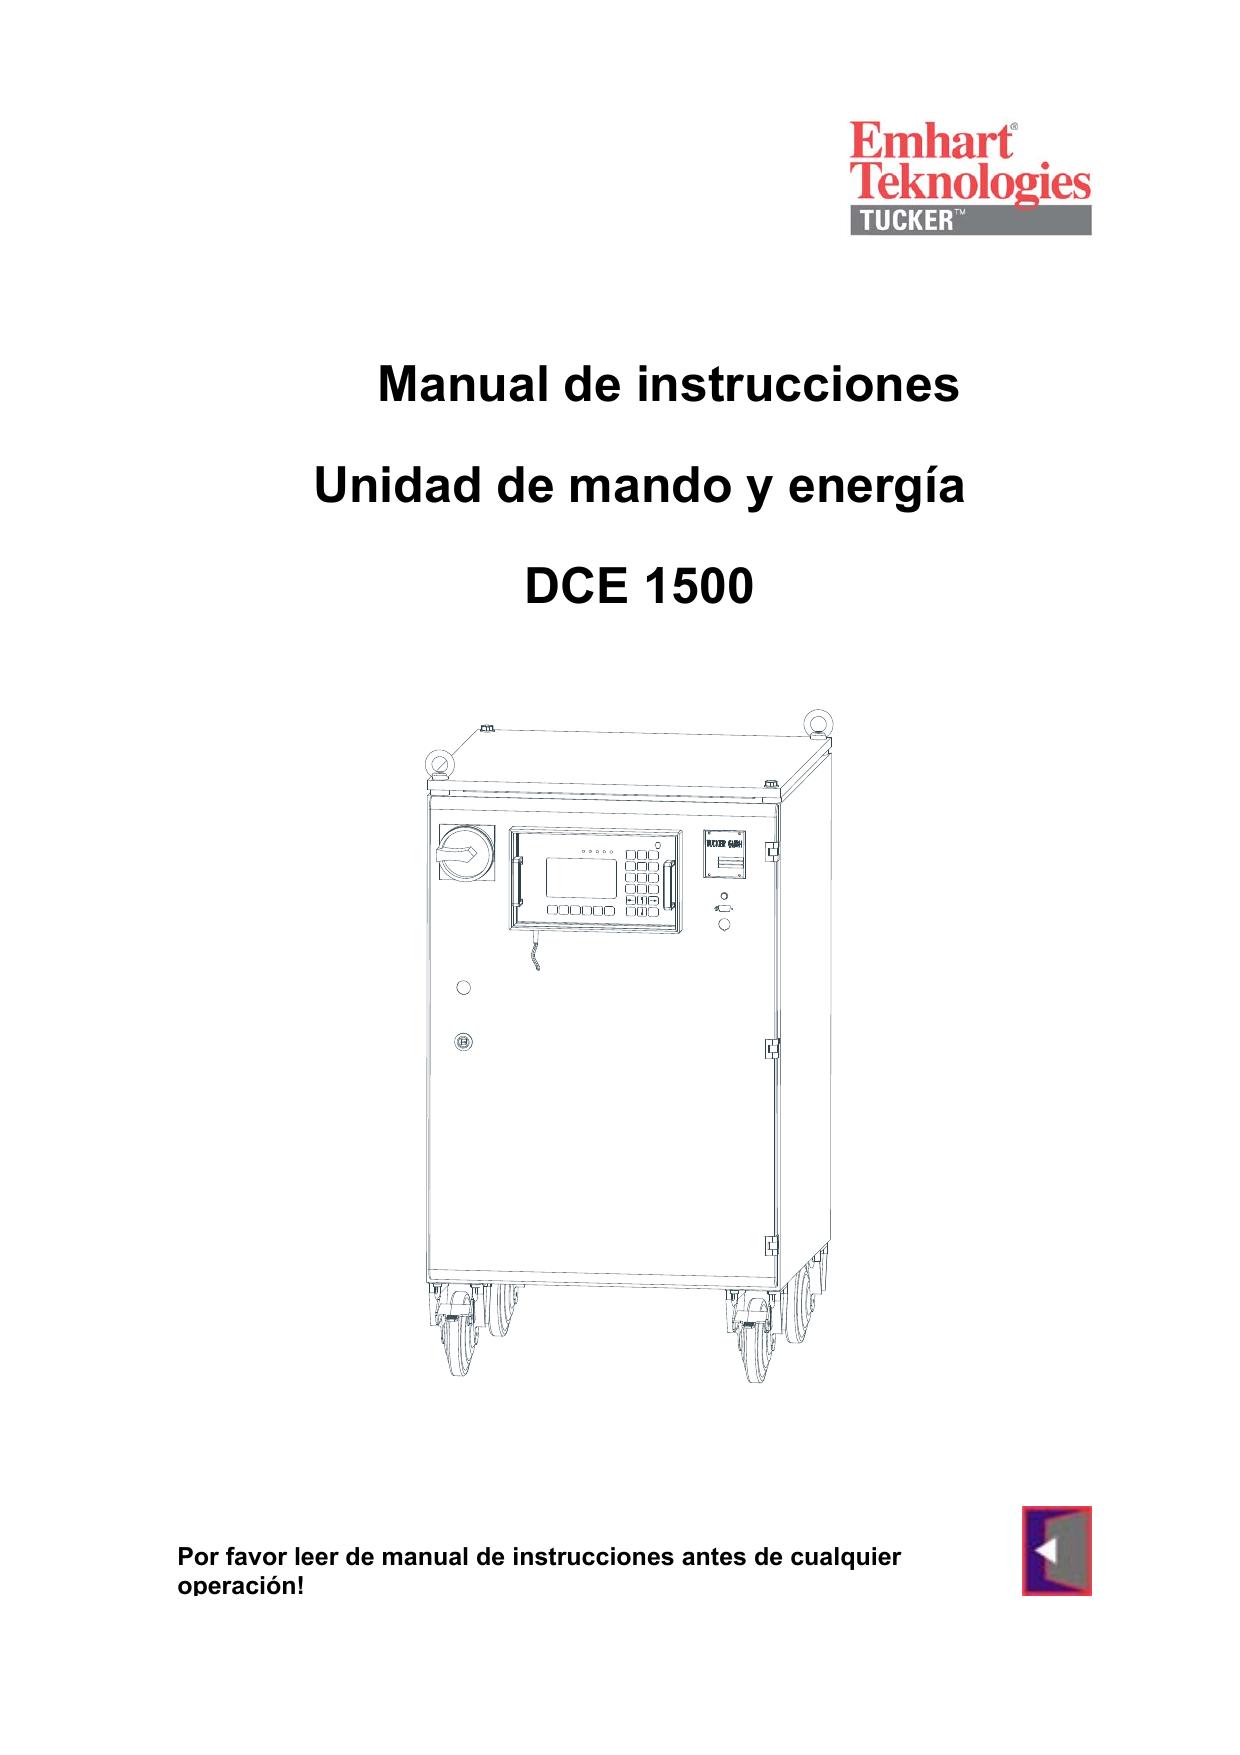 betriebsanleitung dce1500 s manualzz com rh manualzz com Emhart Pop Rivet Gun Emhart PRC